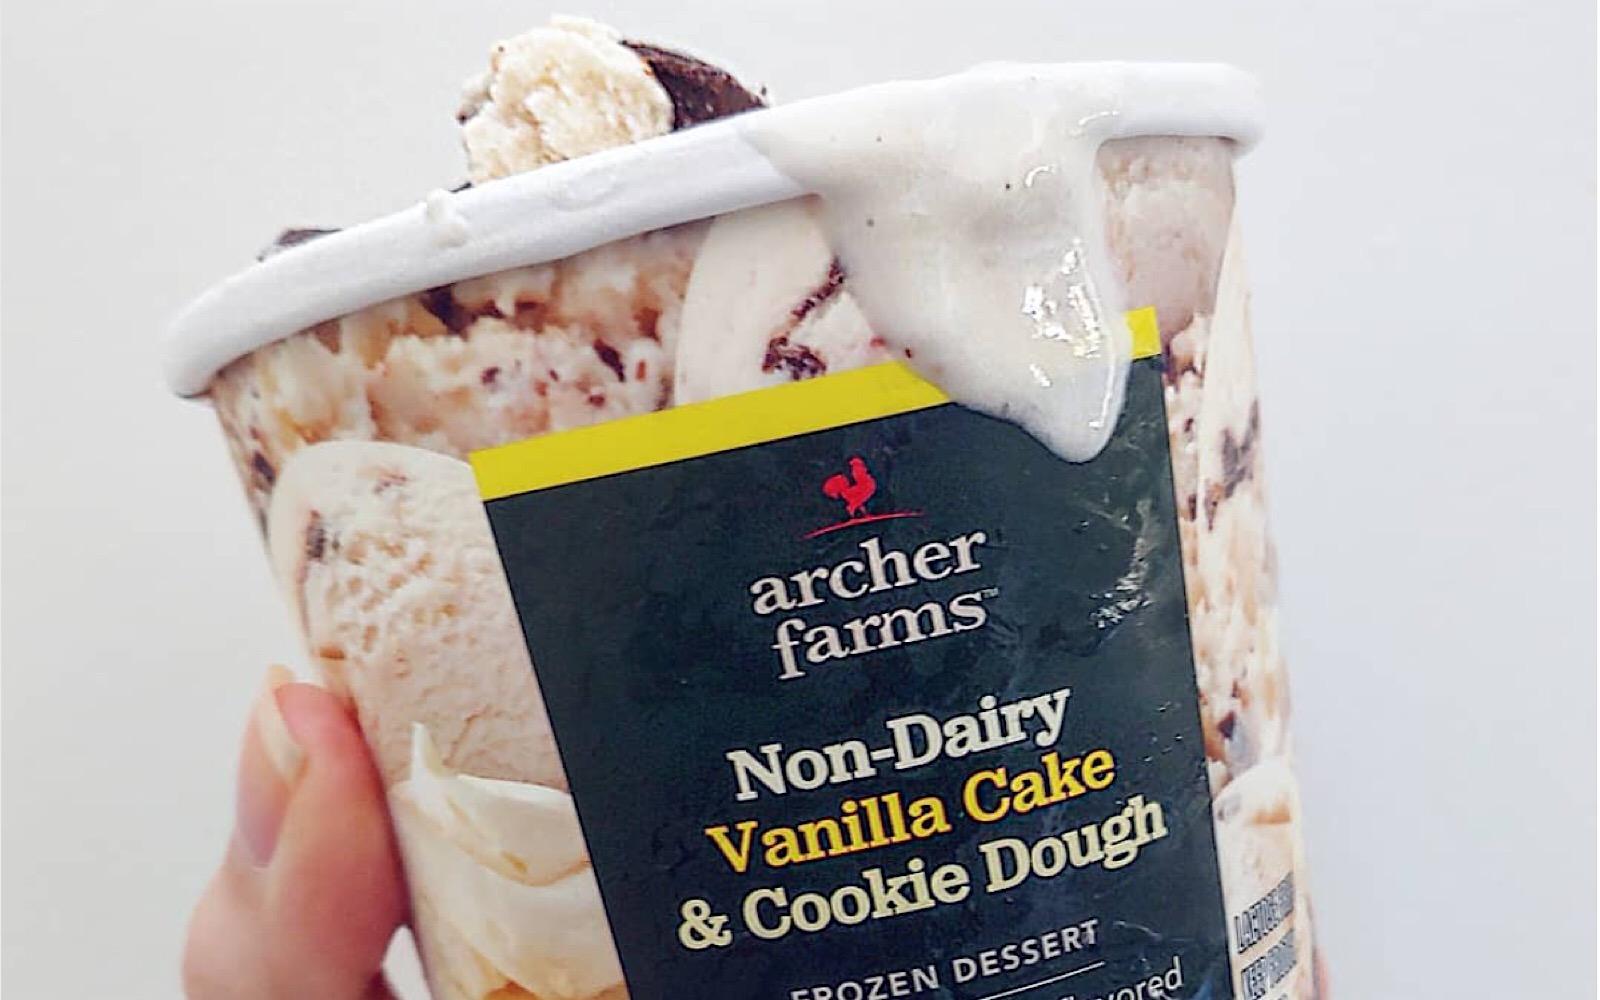 Archer Farms non-dairy ice cream